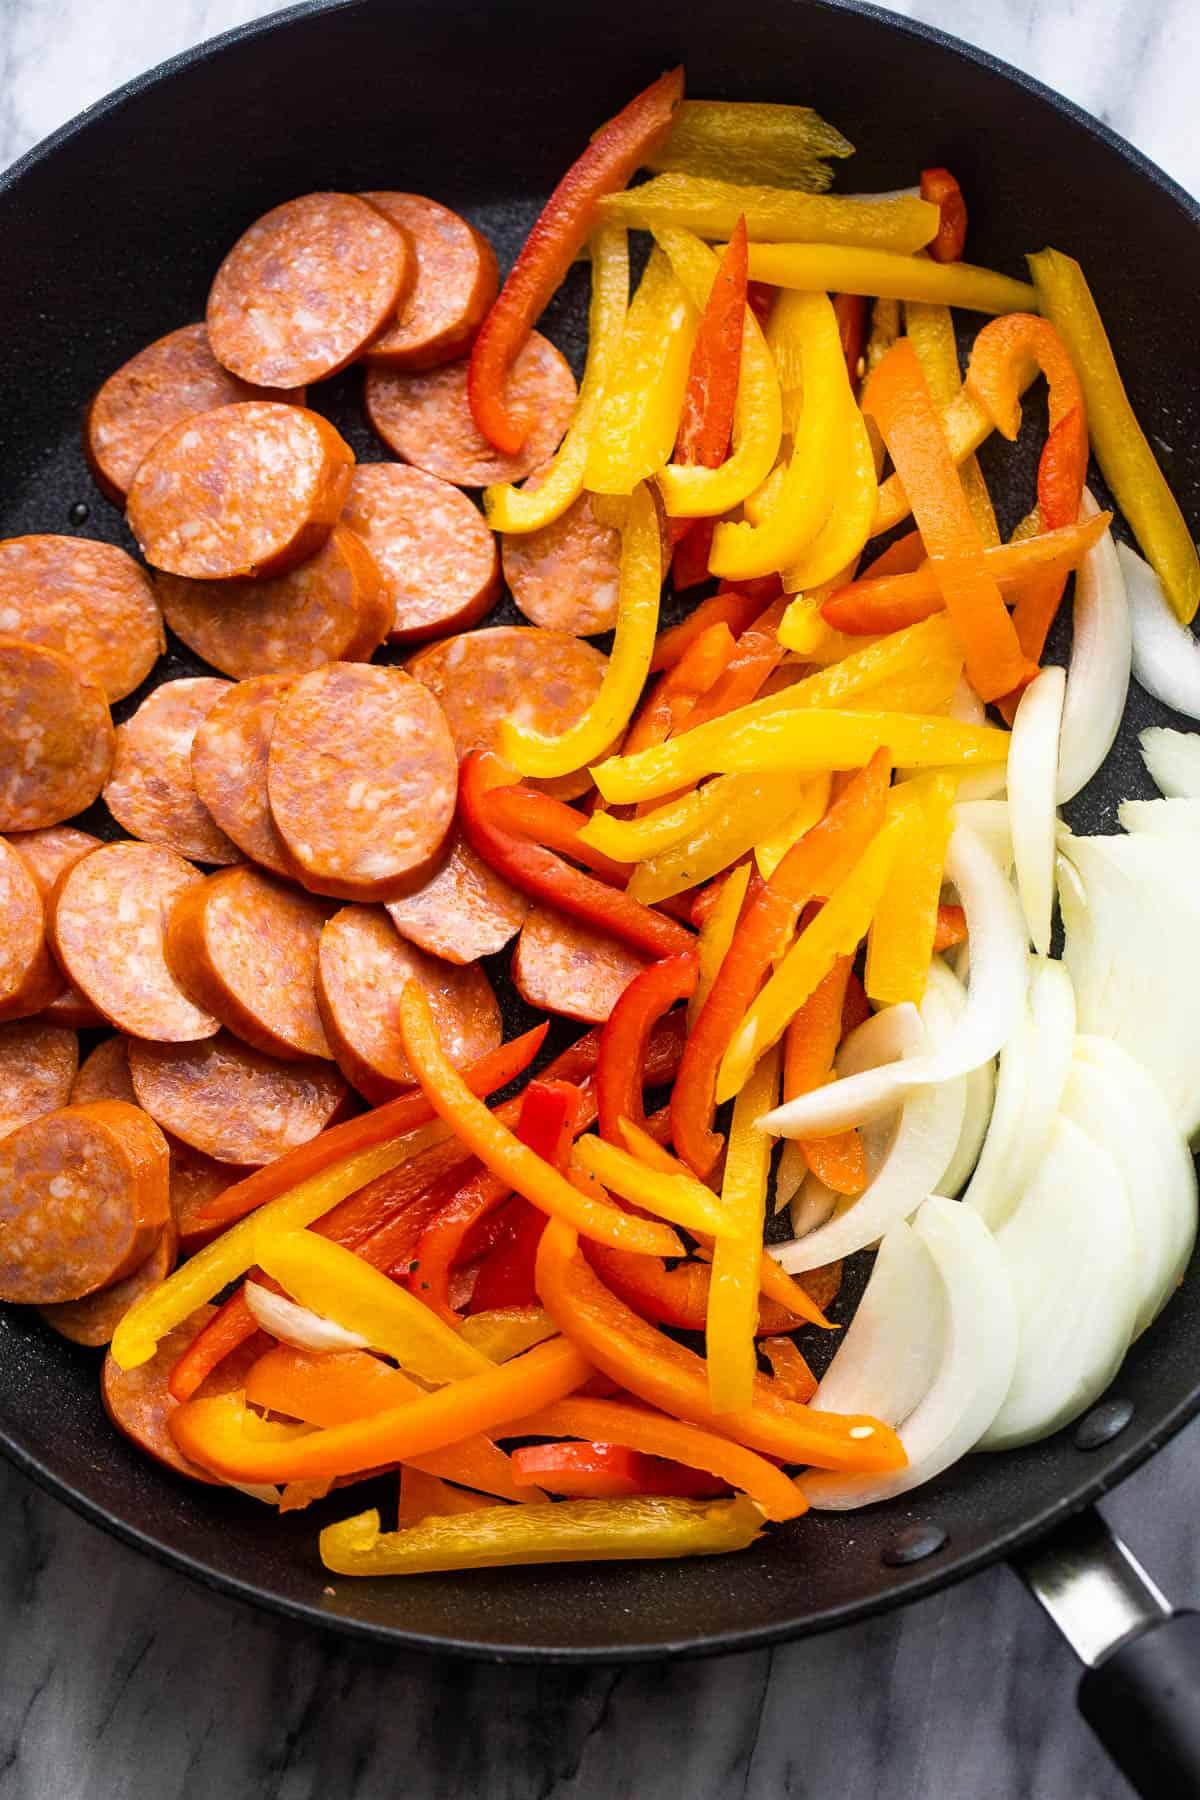 szeletelt hagymát, paprikát és andouille kolbászt fekete serpenyőbe rendezve